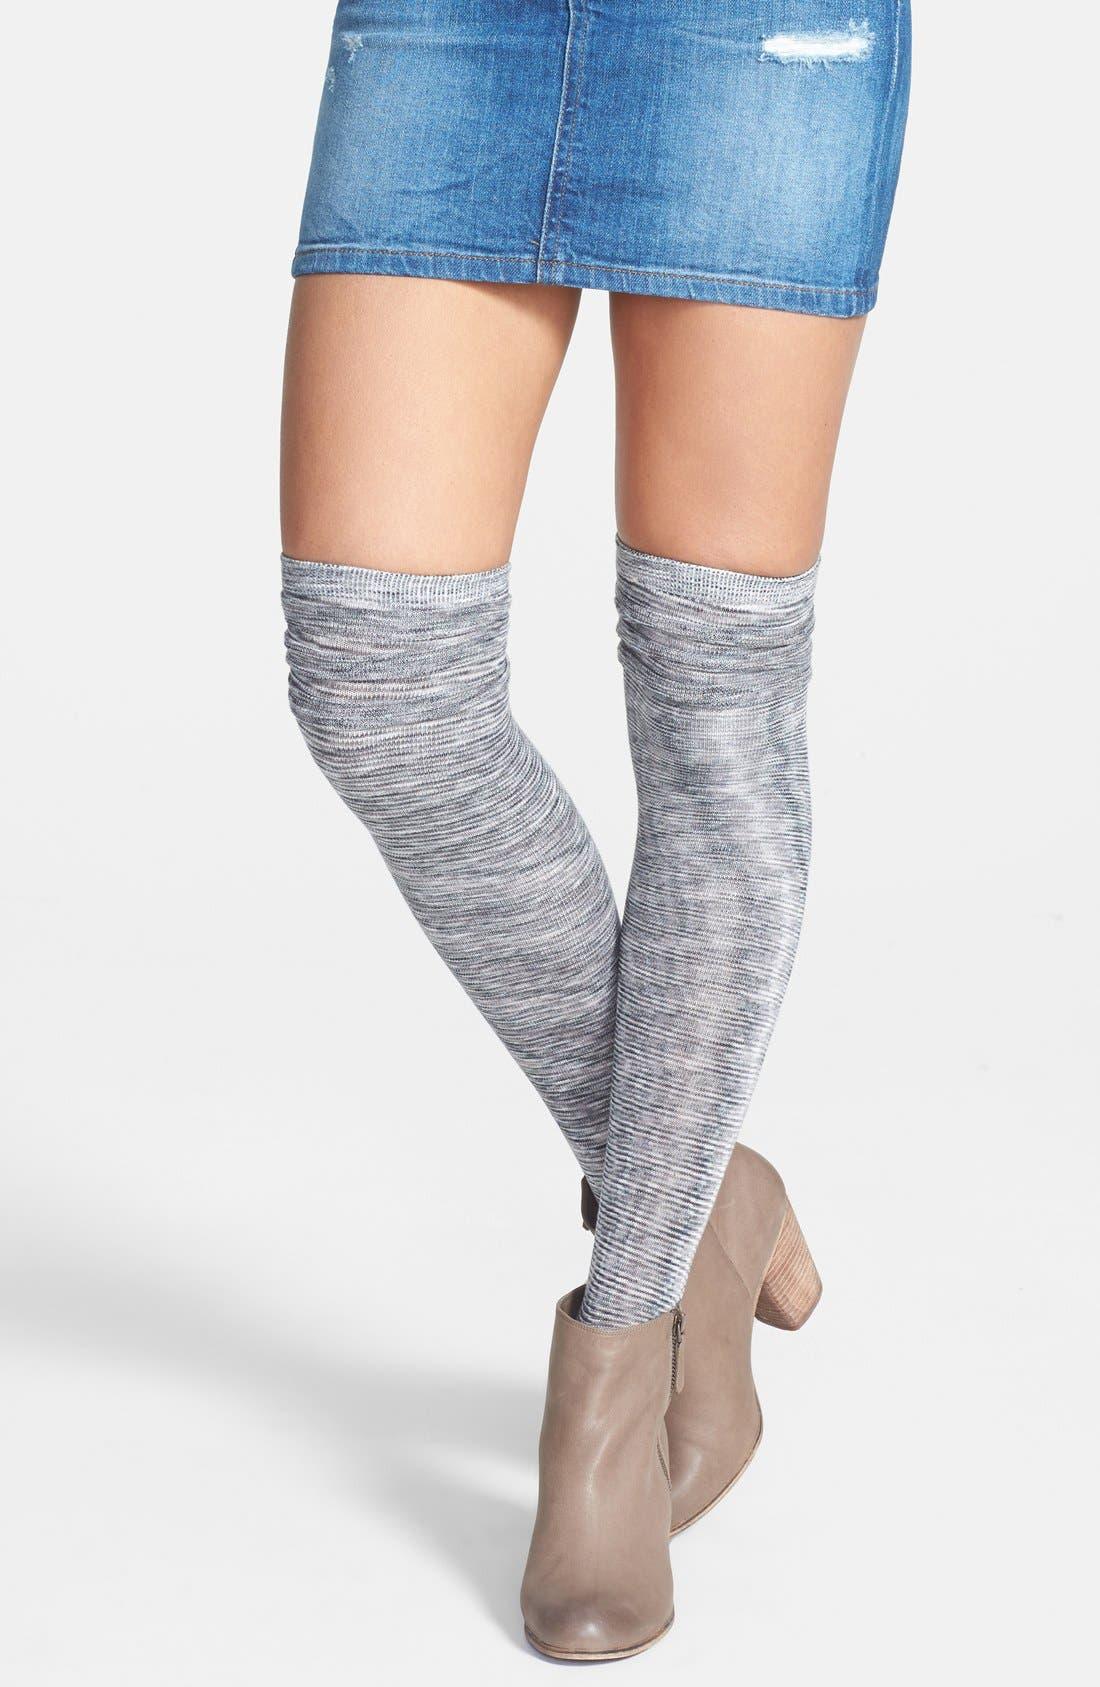 Alternate Image 1 Selected - K. Bell Socks Triple Ruffle Space Dye Over the Knee Socks